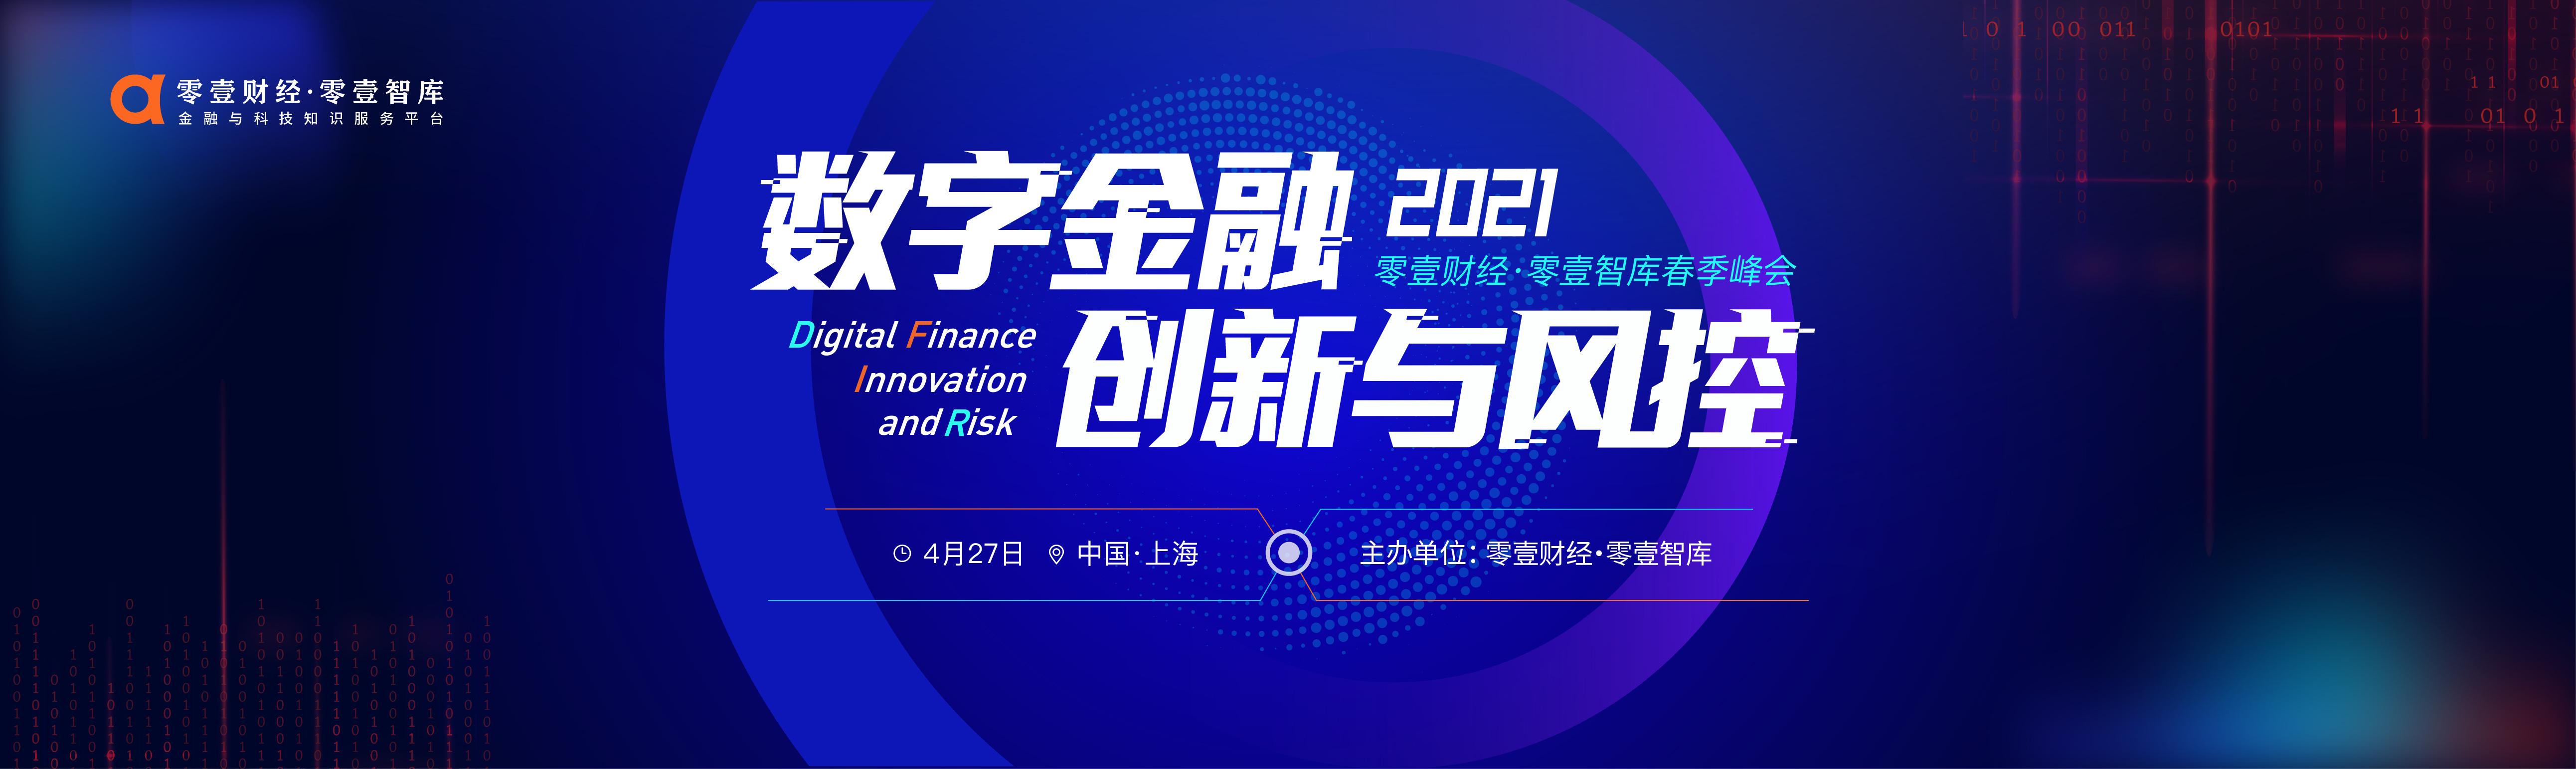 2021零壹财经·零壹智库春季峰会